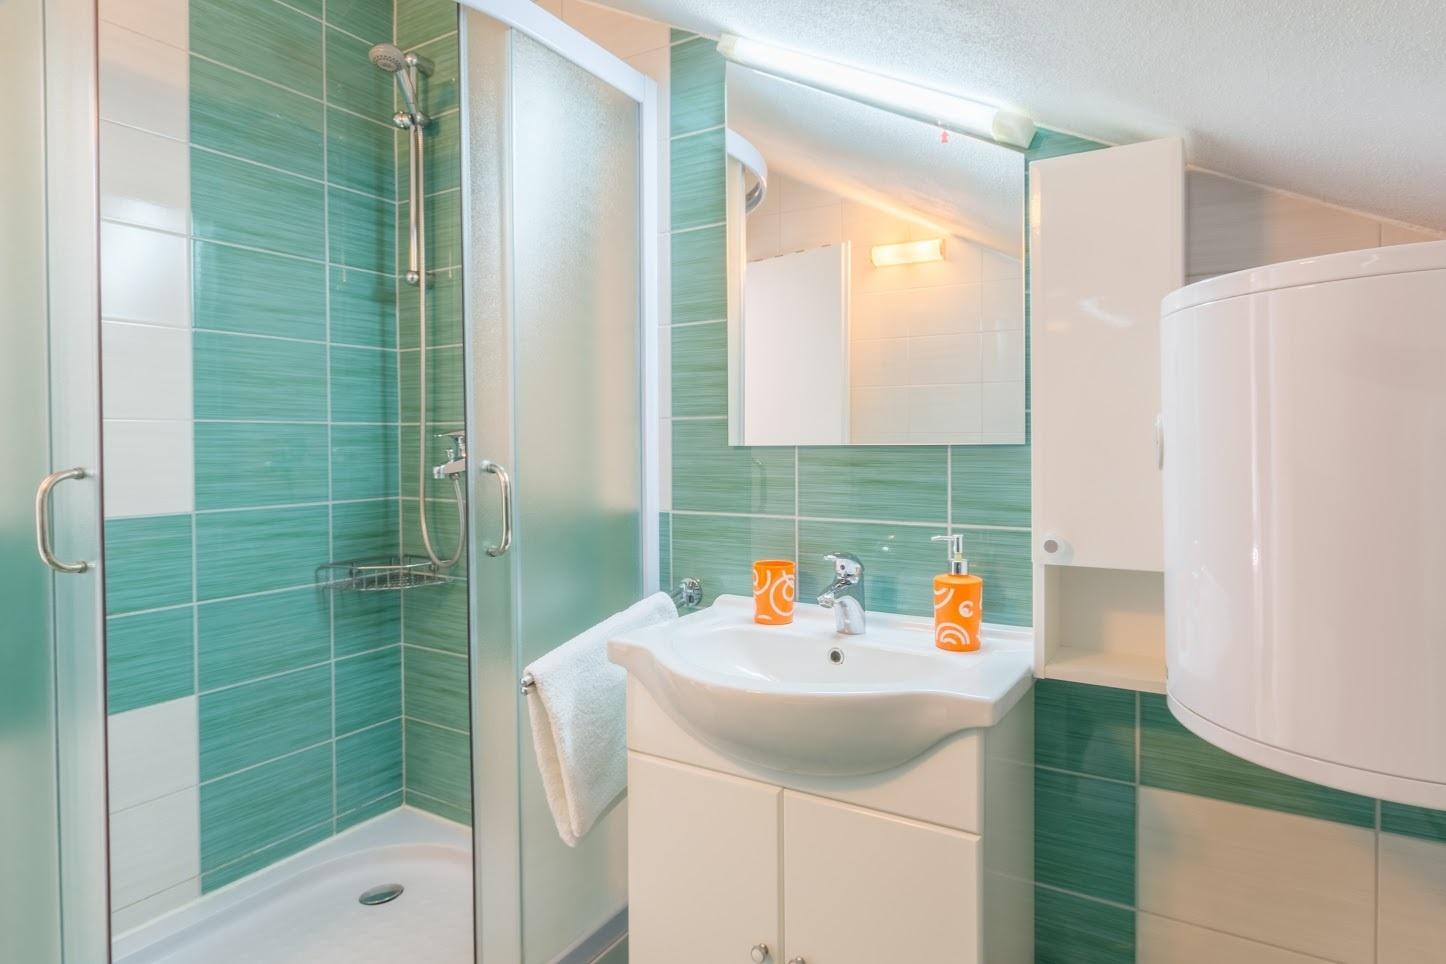 Simi - Baai Osibova (Milna) - Verblijf in lagunes Kroatië - A1(4+1): badkamer met toilet